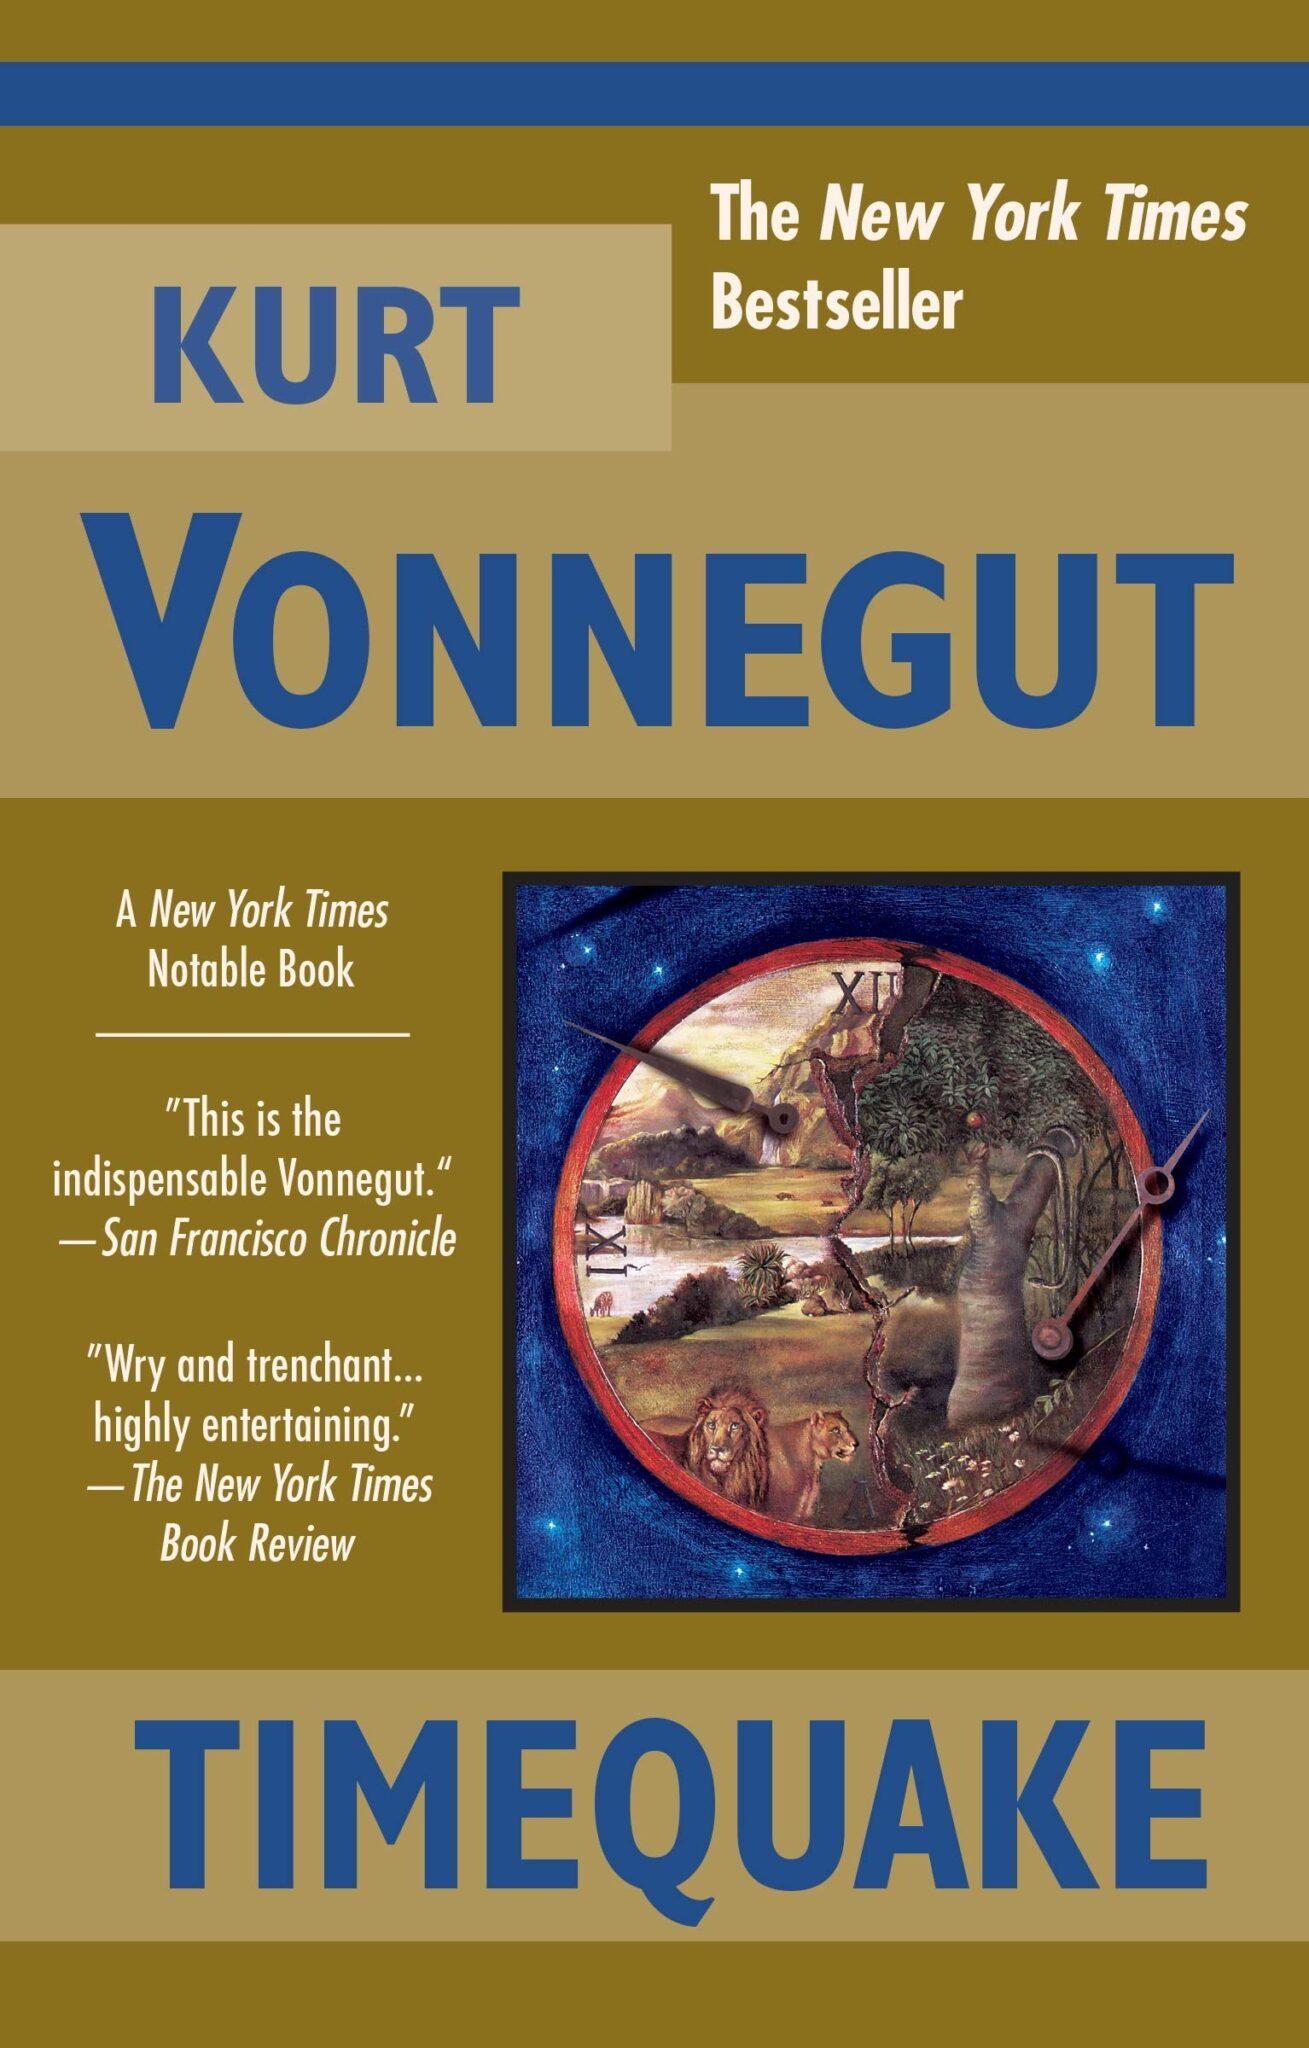 Vonnegut-27-scaled